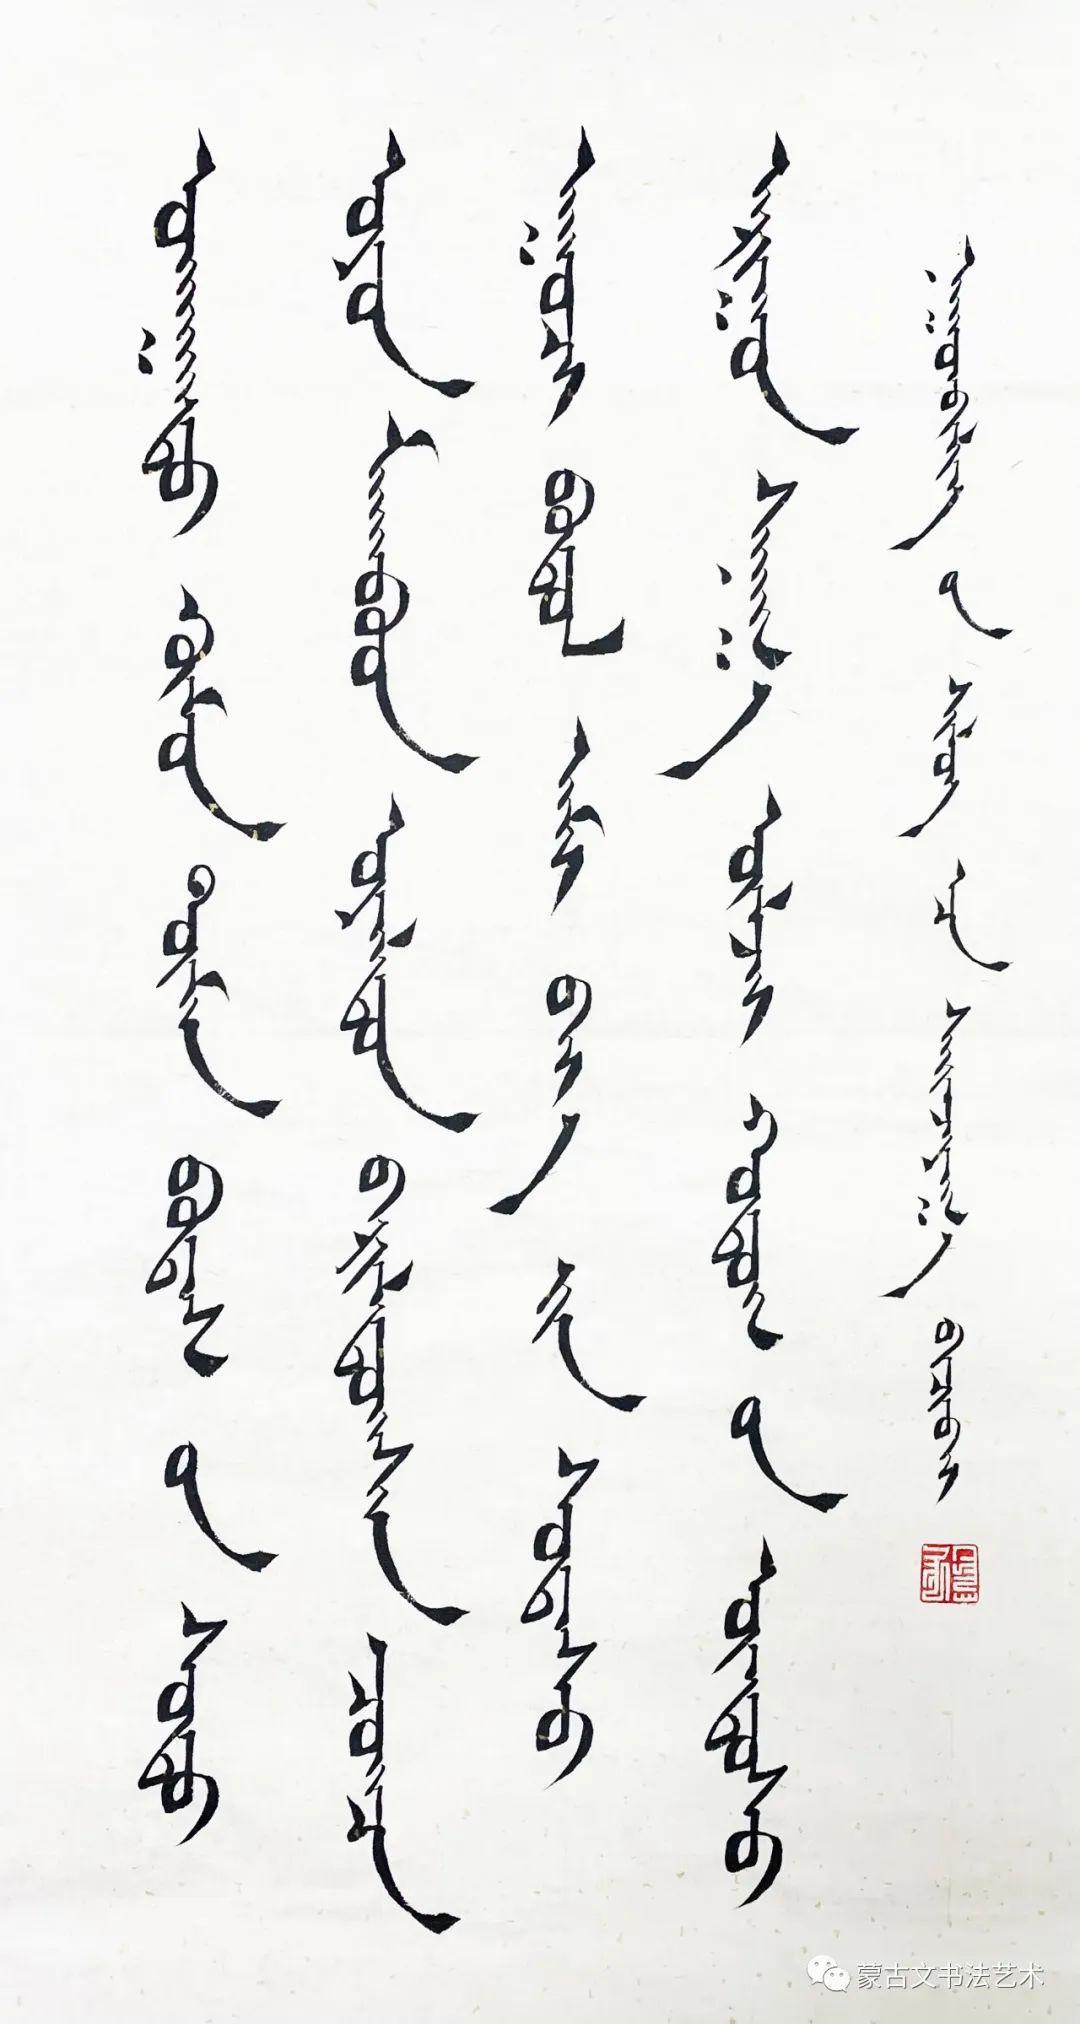 赛音吉雅蒙古文书法楷书作品 第2张 赛音吉雅蒙古文书法楷书作品 蒙古书法